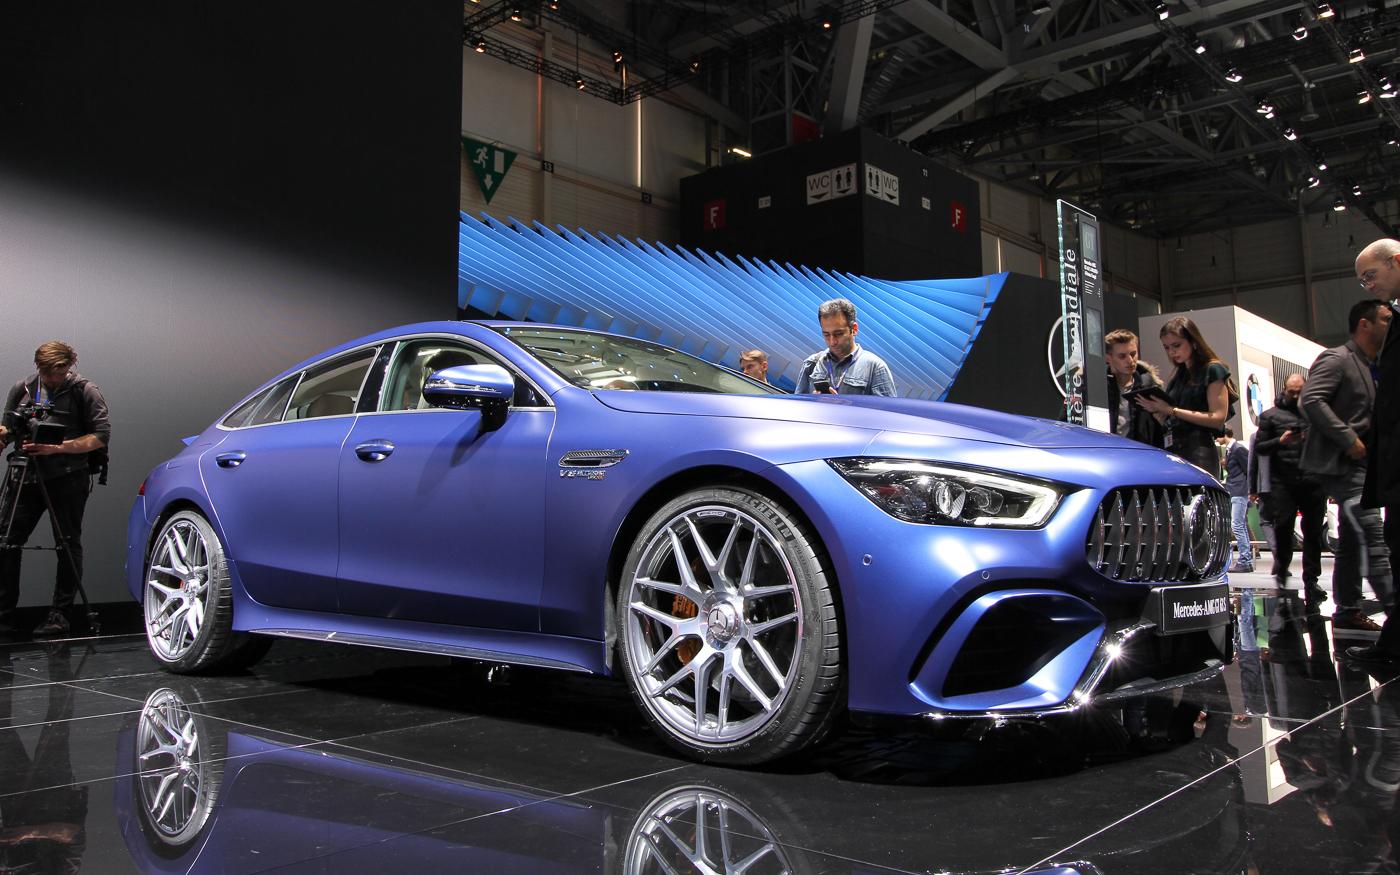 Autosalon Genève: Eindelijk de productieversie van de AMG vierdeurscoupé